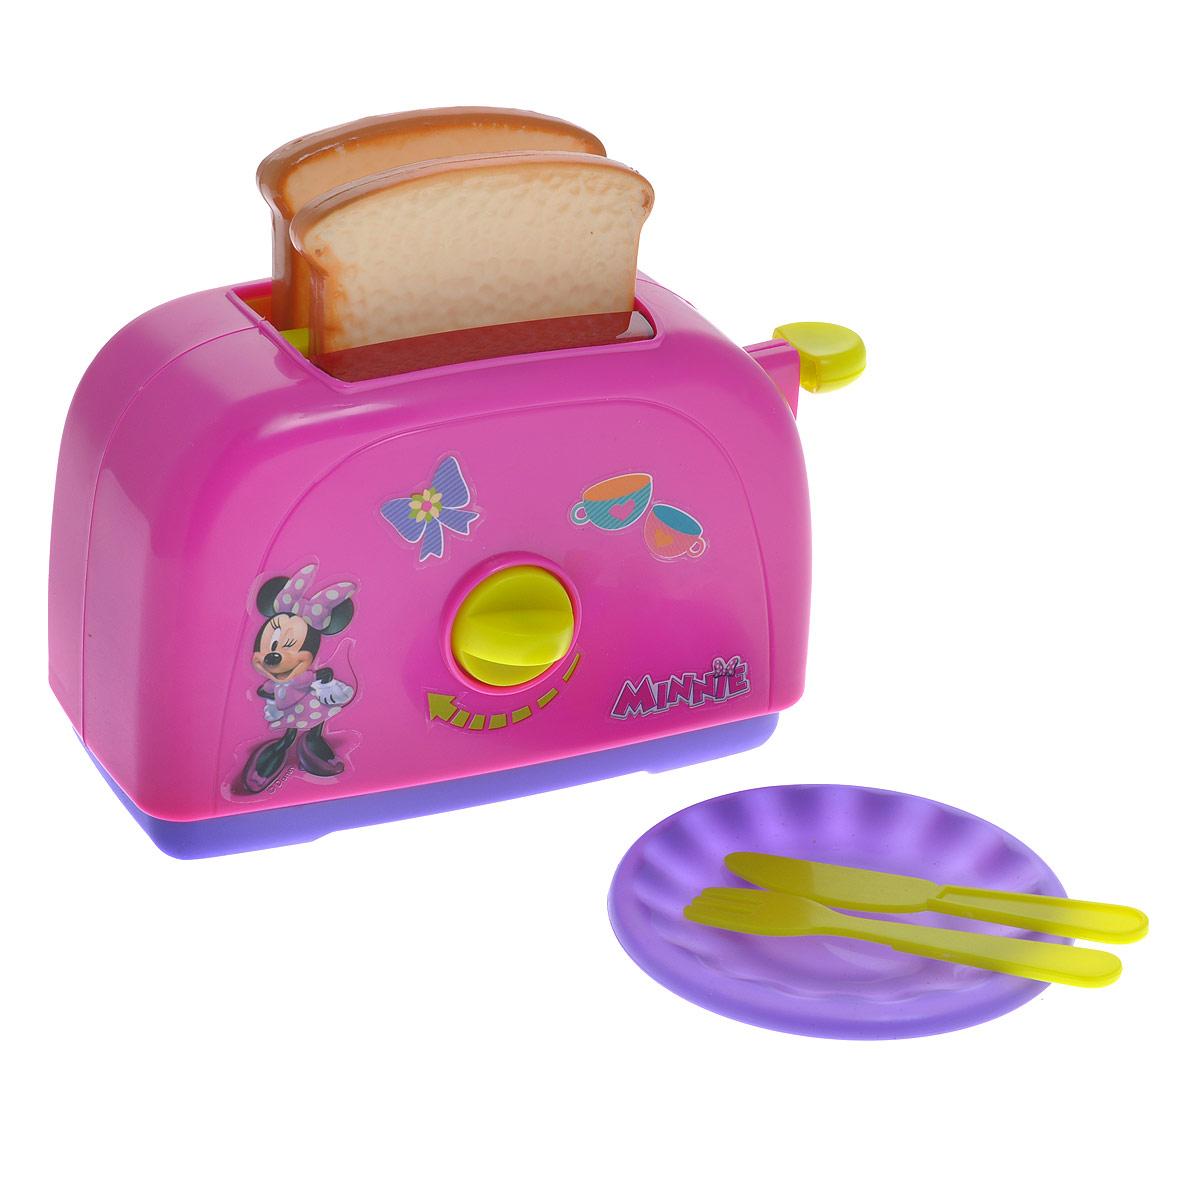 Simba Игровой набор Minnie Mouse: Тостер, 6 предметов4735308Игровой набор Minnie Mouse: Тостер привлечет внимание вашего малыша и не позволит ему скучать. Набор включает в себя тостер, два тоста, тарелку, нож и вилку. Игрушечный тостер очень похож на настоящий кухонный прибор! При повороте переключателя слышны щелкающие звуки. Если нажать на рычаг, то готовые тосты выпрыгнут из тостера. С таким набором ваш малыш сможет приготовить для своих игрушек вкусный завтрак. Игрушечная бытовая техника не только развлекает ребенка, но и знакомит его с правилами использования электроприборов. Порадуйте его таким замечательным подарком!